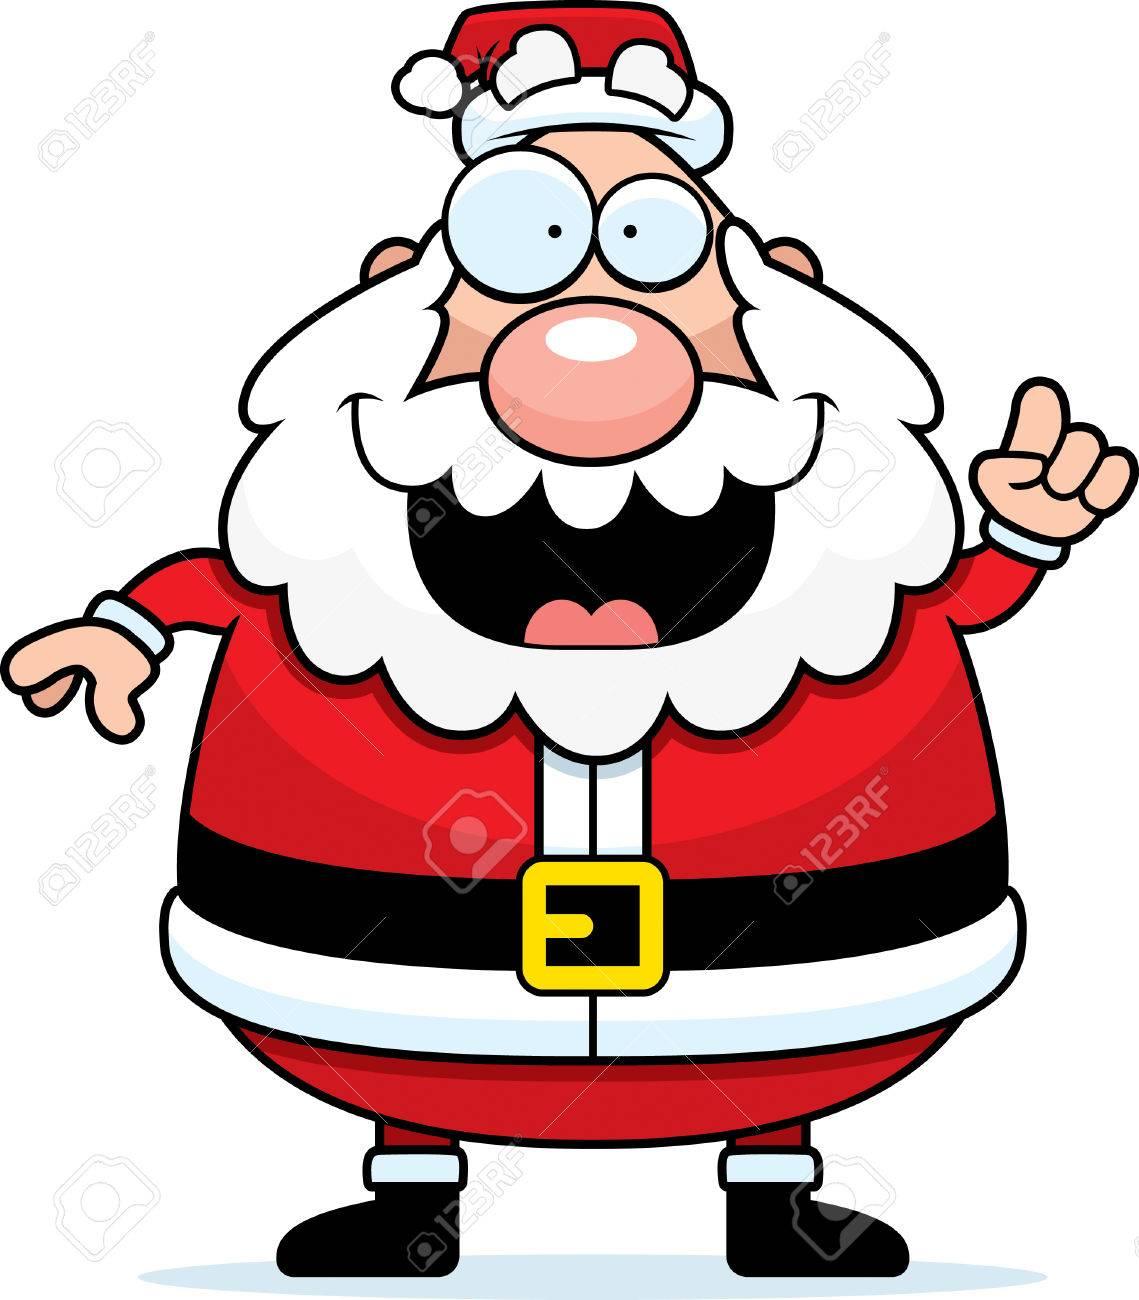 Imagenes De Papa Noel Animado.Un Dibujo Animado Papa Noel Feliz Con Una Idea